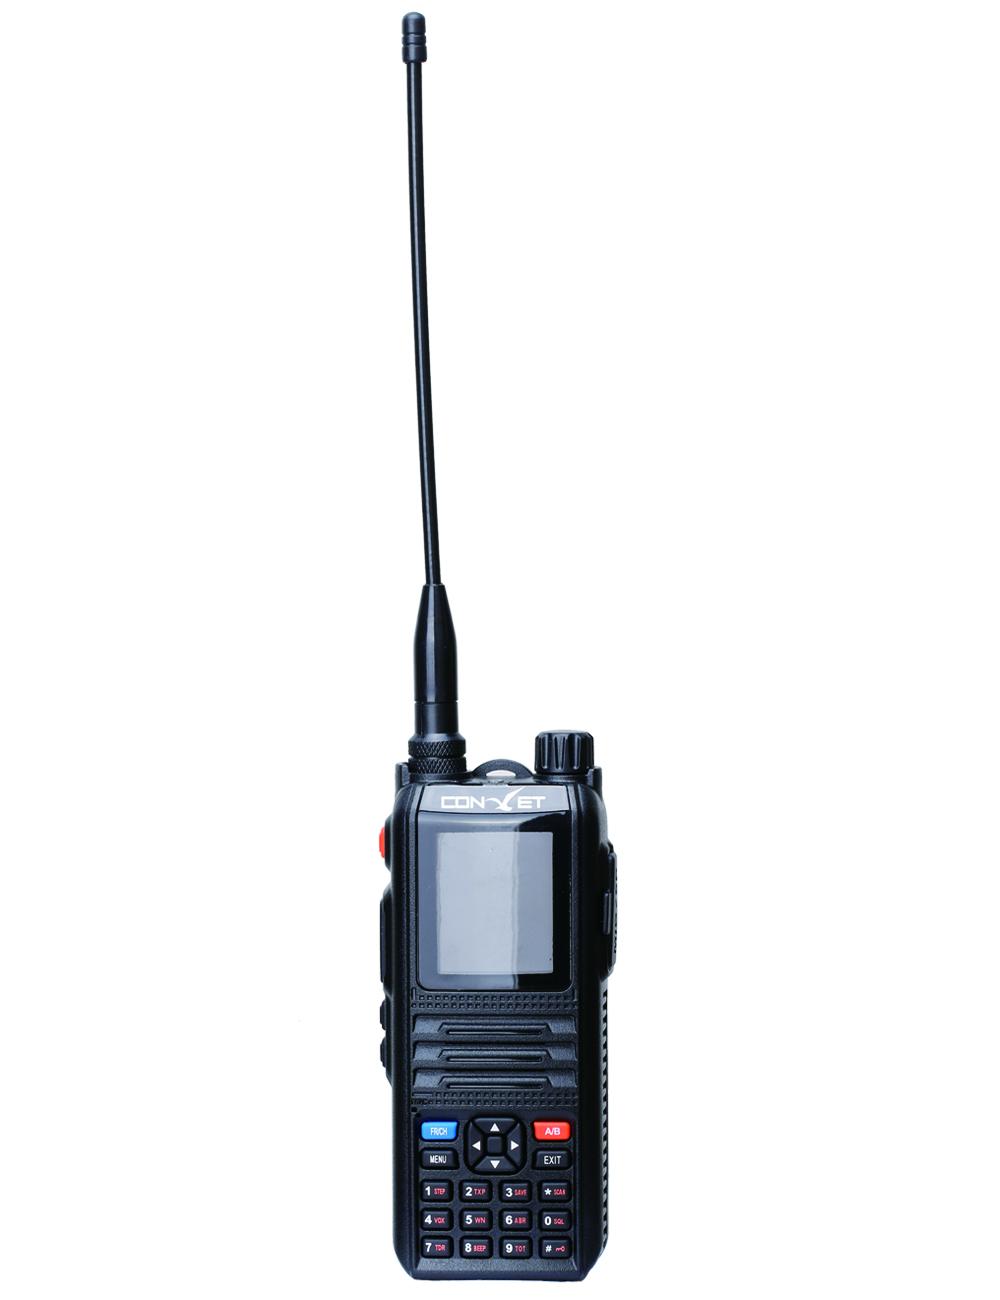 CTET-5890D